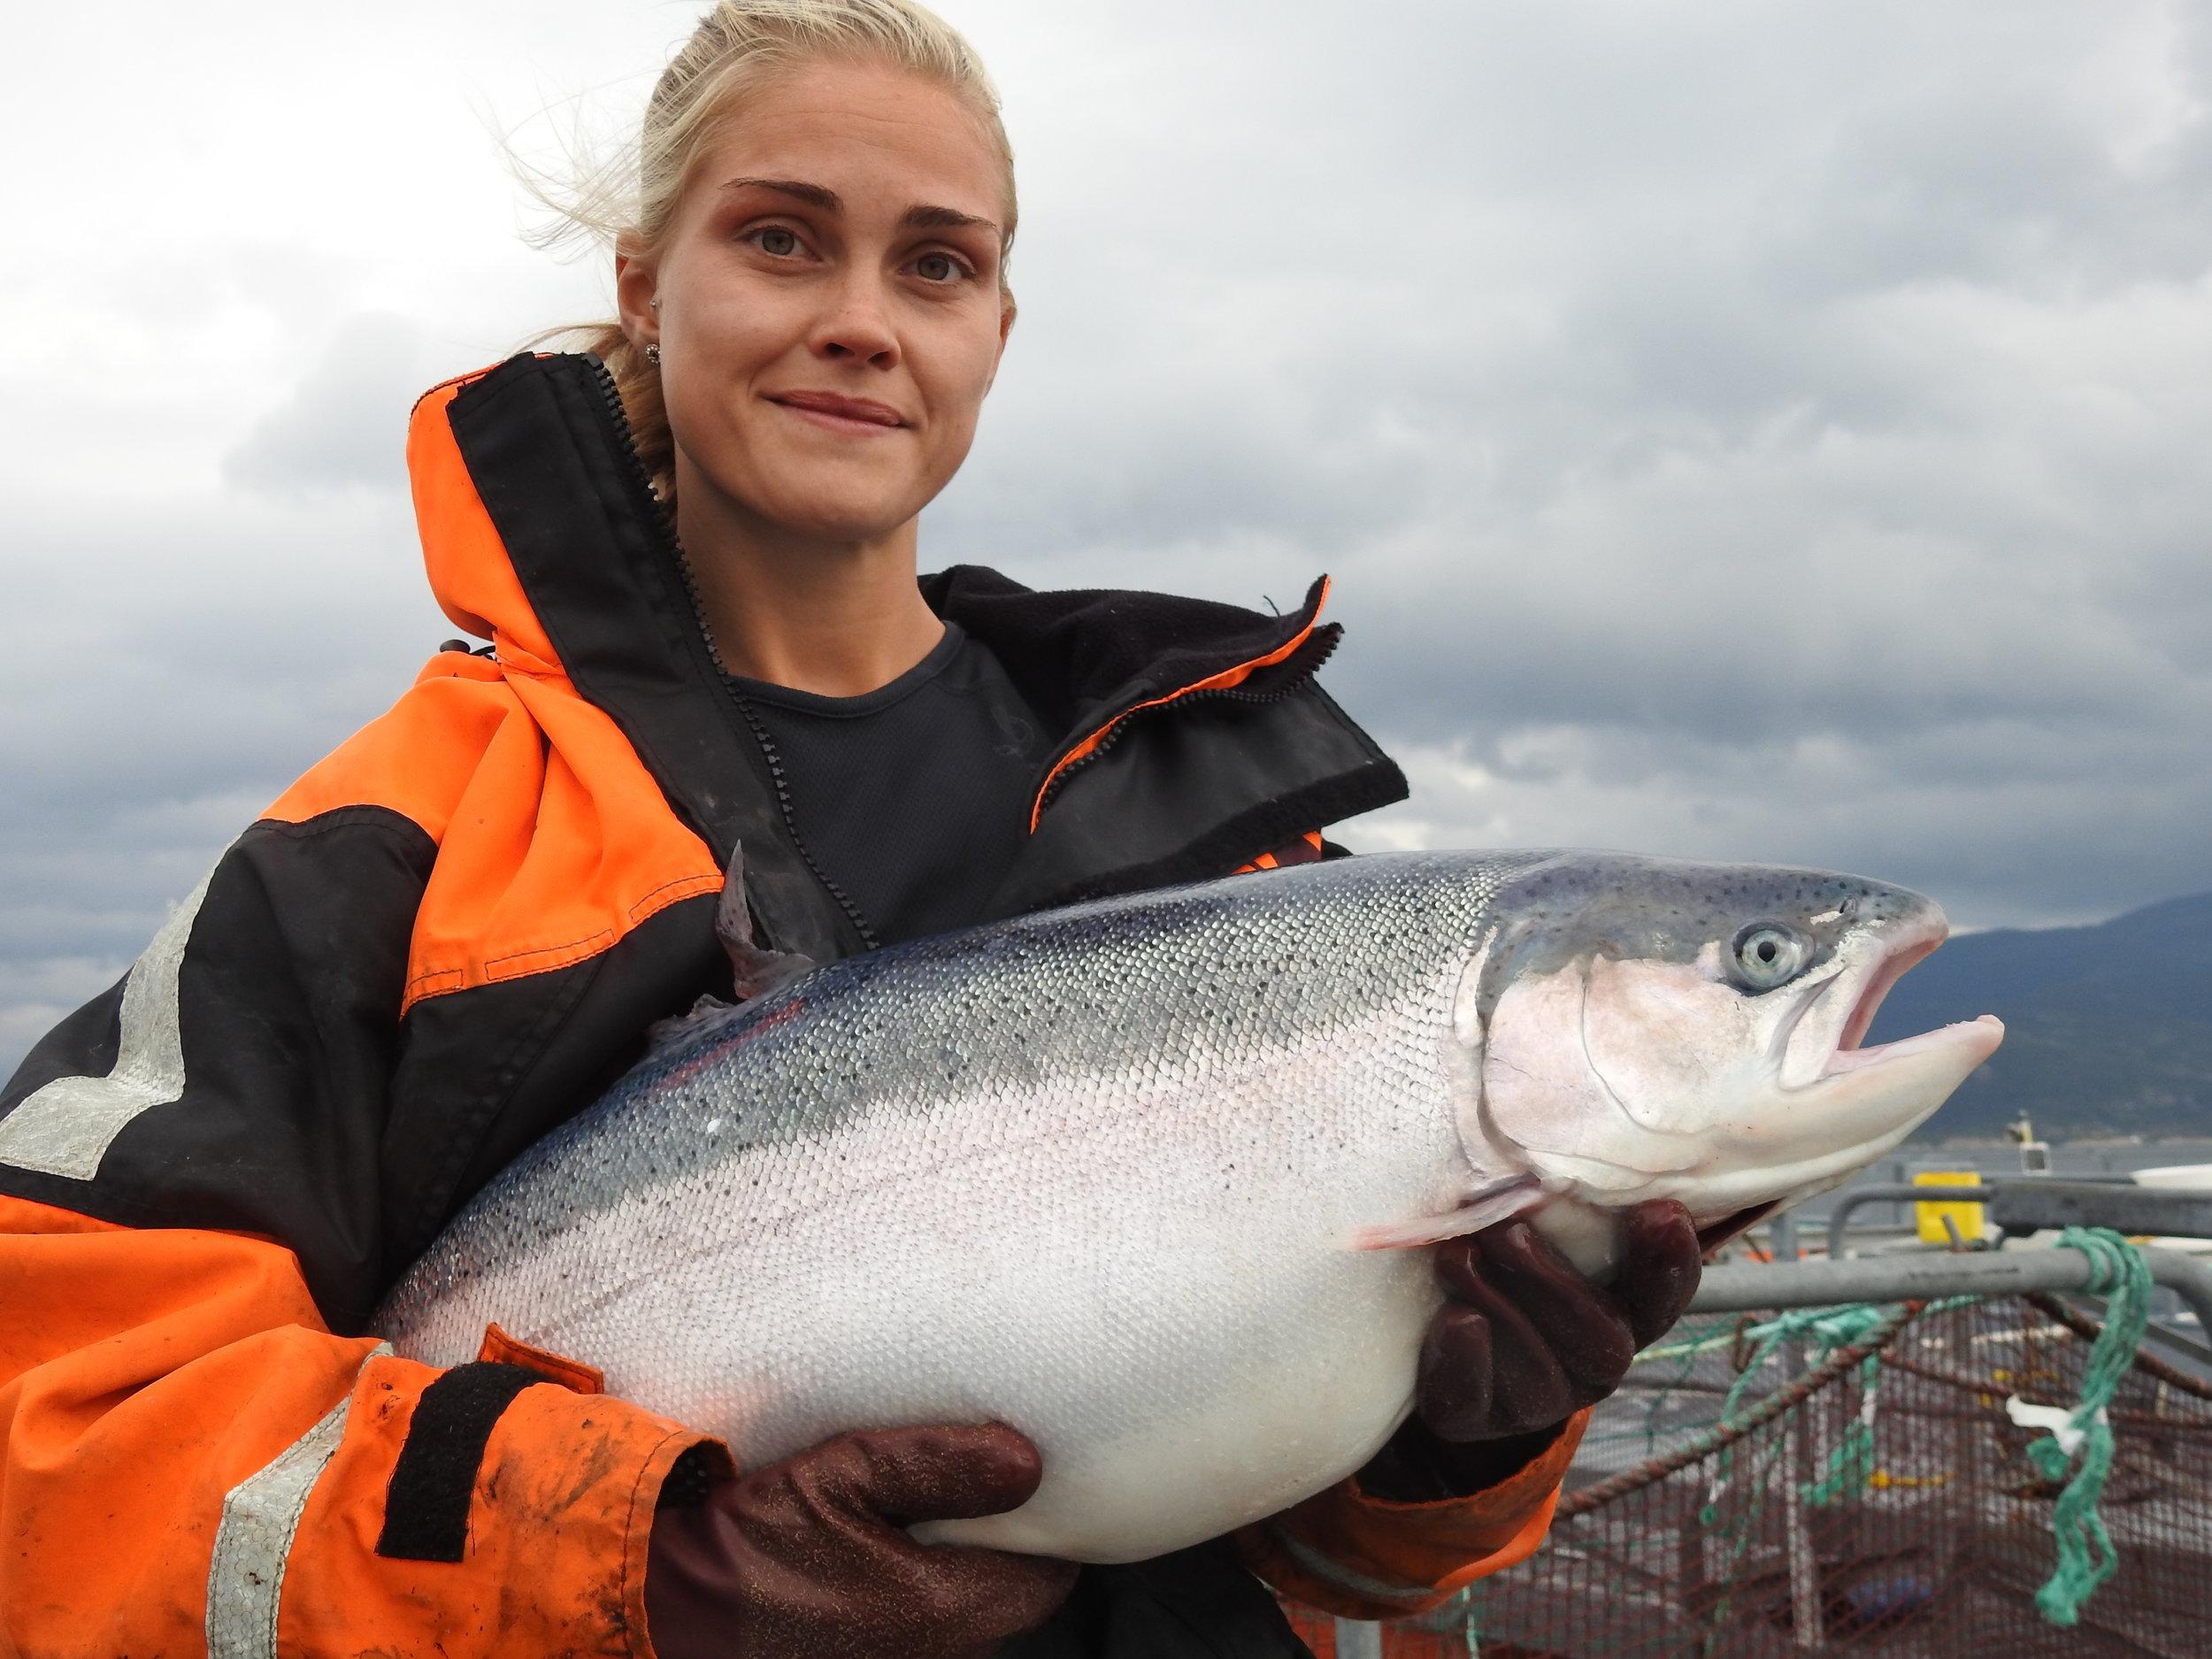 Fiskevelferd - God fiskehelse er grunnmuren for lønnsom og bærekraftig produksjon. Svanøy Havbruk har egen fiskehelseansvarlig med relevant biologutdanning. I tillegg har vi avtale med Akvavet i Gulen, som har månedlige veterinærbesøk for å se på fisken vår. Mattilsynet kommer også jevnlig på visitt for å følge med på at fisken har det bra. Vi arbeider kontinuerlig for optimal fiskehelse og dyrevelferd i våre anlegg, med målsetning å oppnå best mulig helsestatus på fisken og sikre god dyrevelferd. Vi har fokus på å skåne fisken for stress, ubehag og smerte; både under oppdrett, avlusing, transport og slakting.